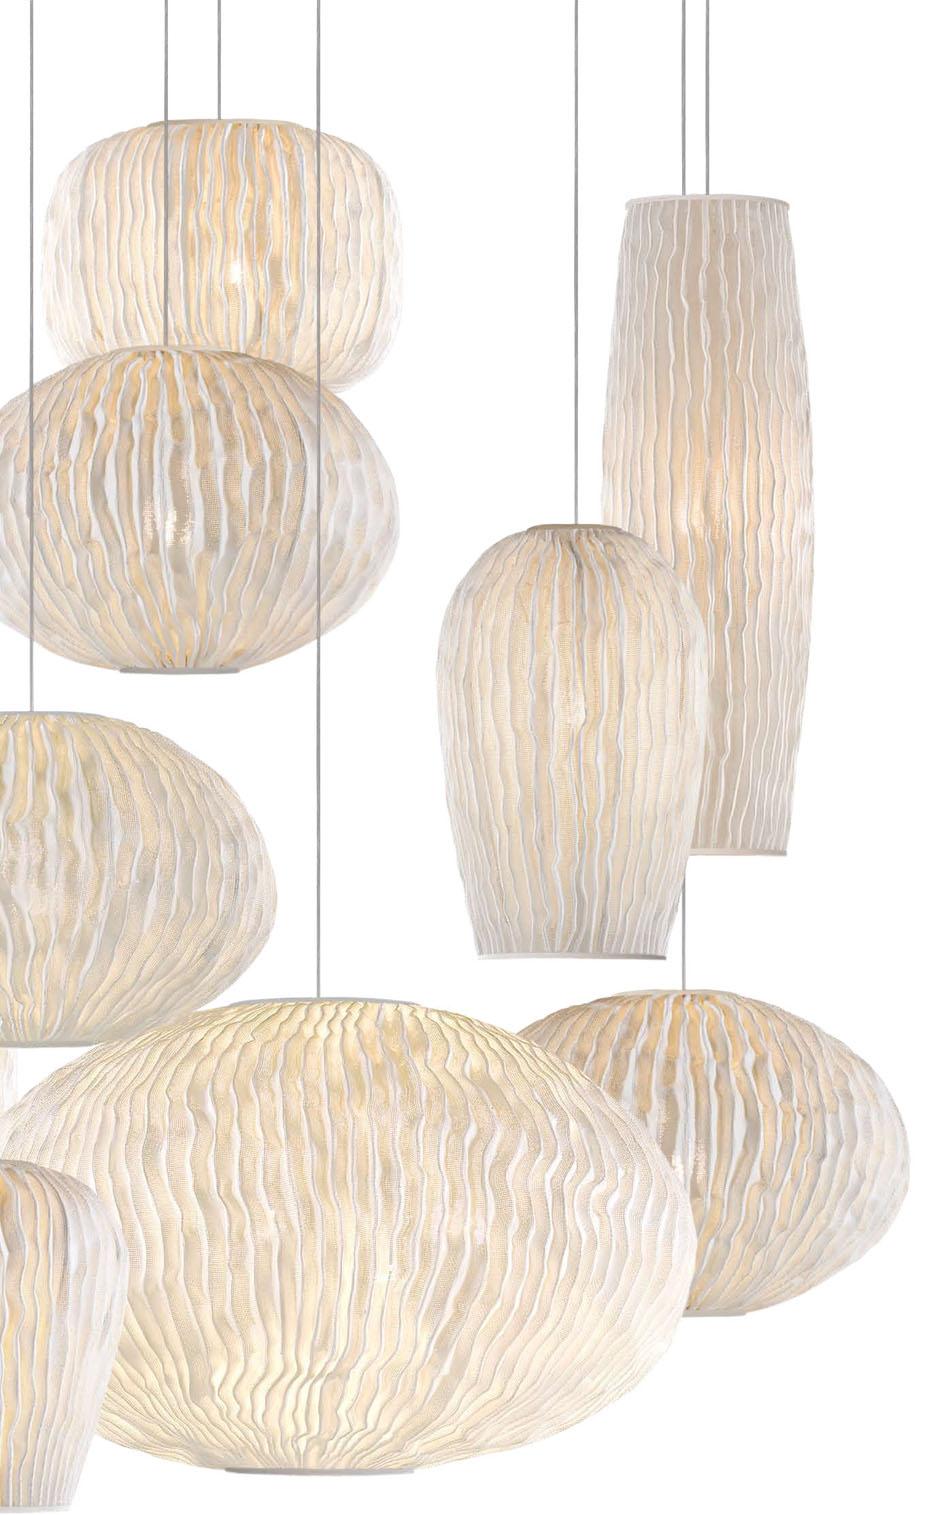 Coral Pendant Lamp composition 11 parts 135x135x250cm E27 Arturo Alvarez Image